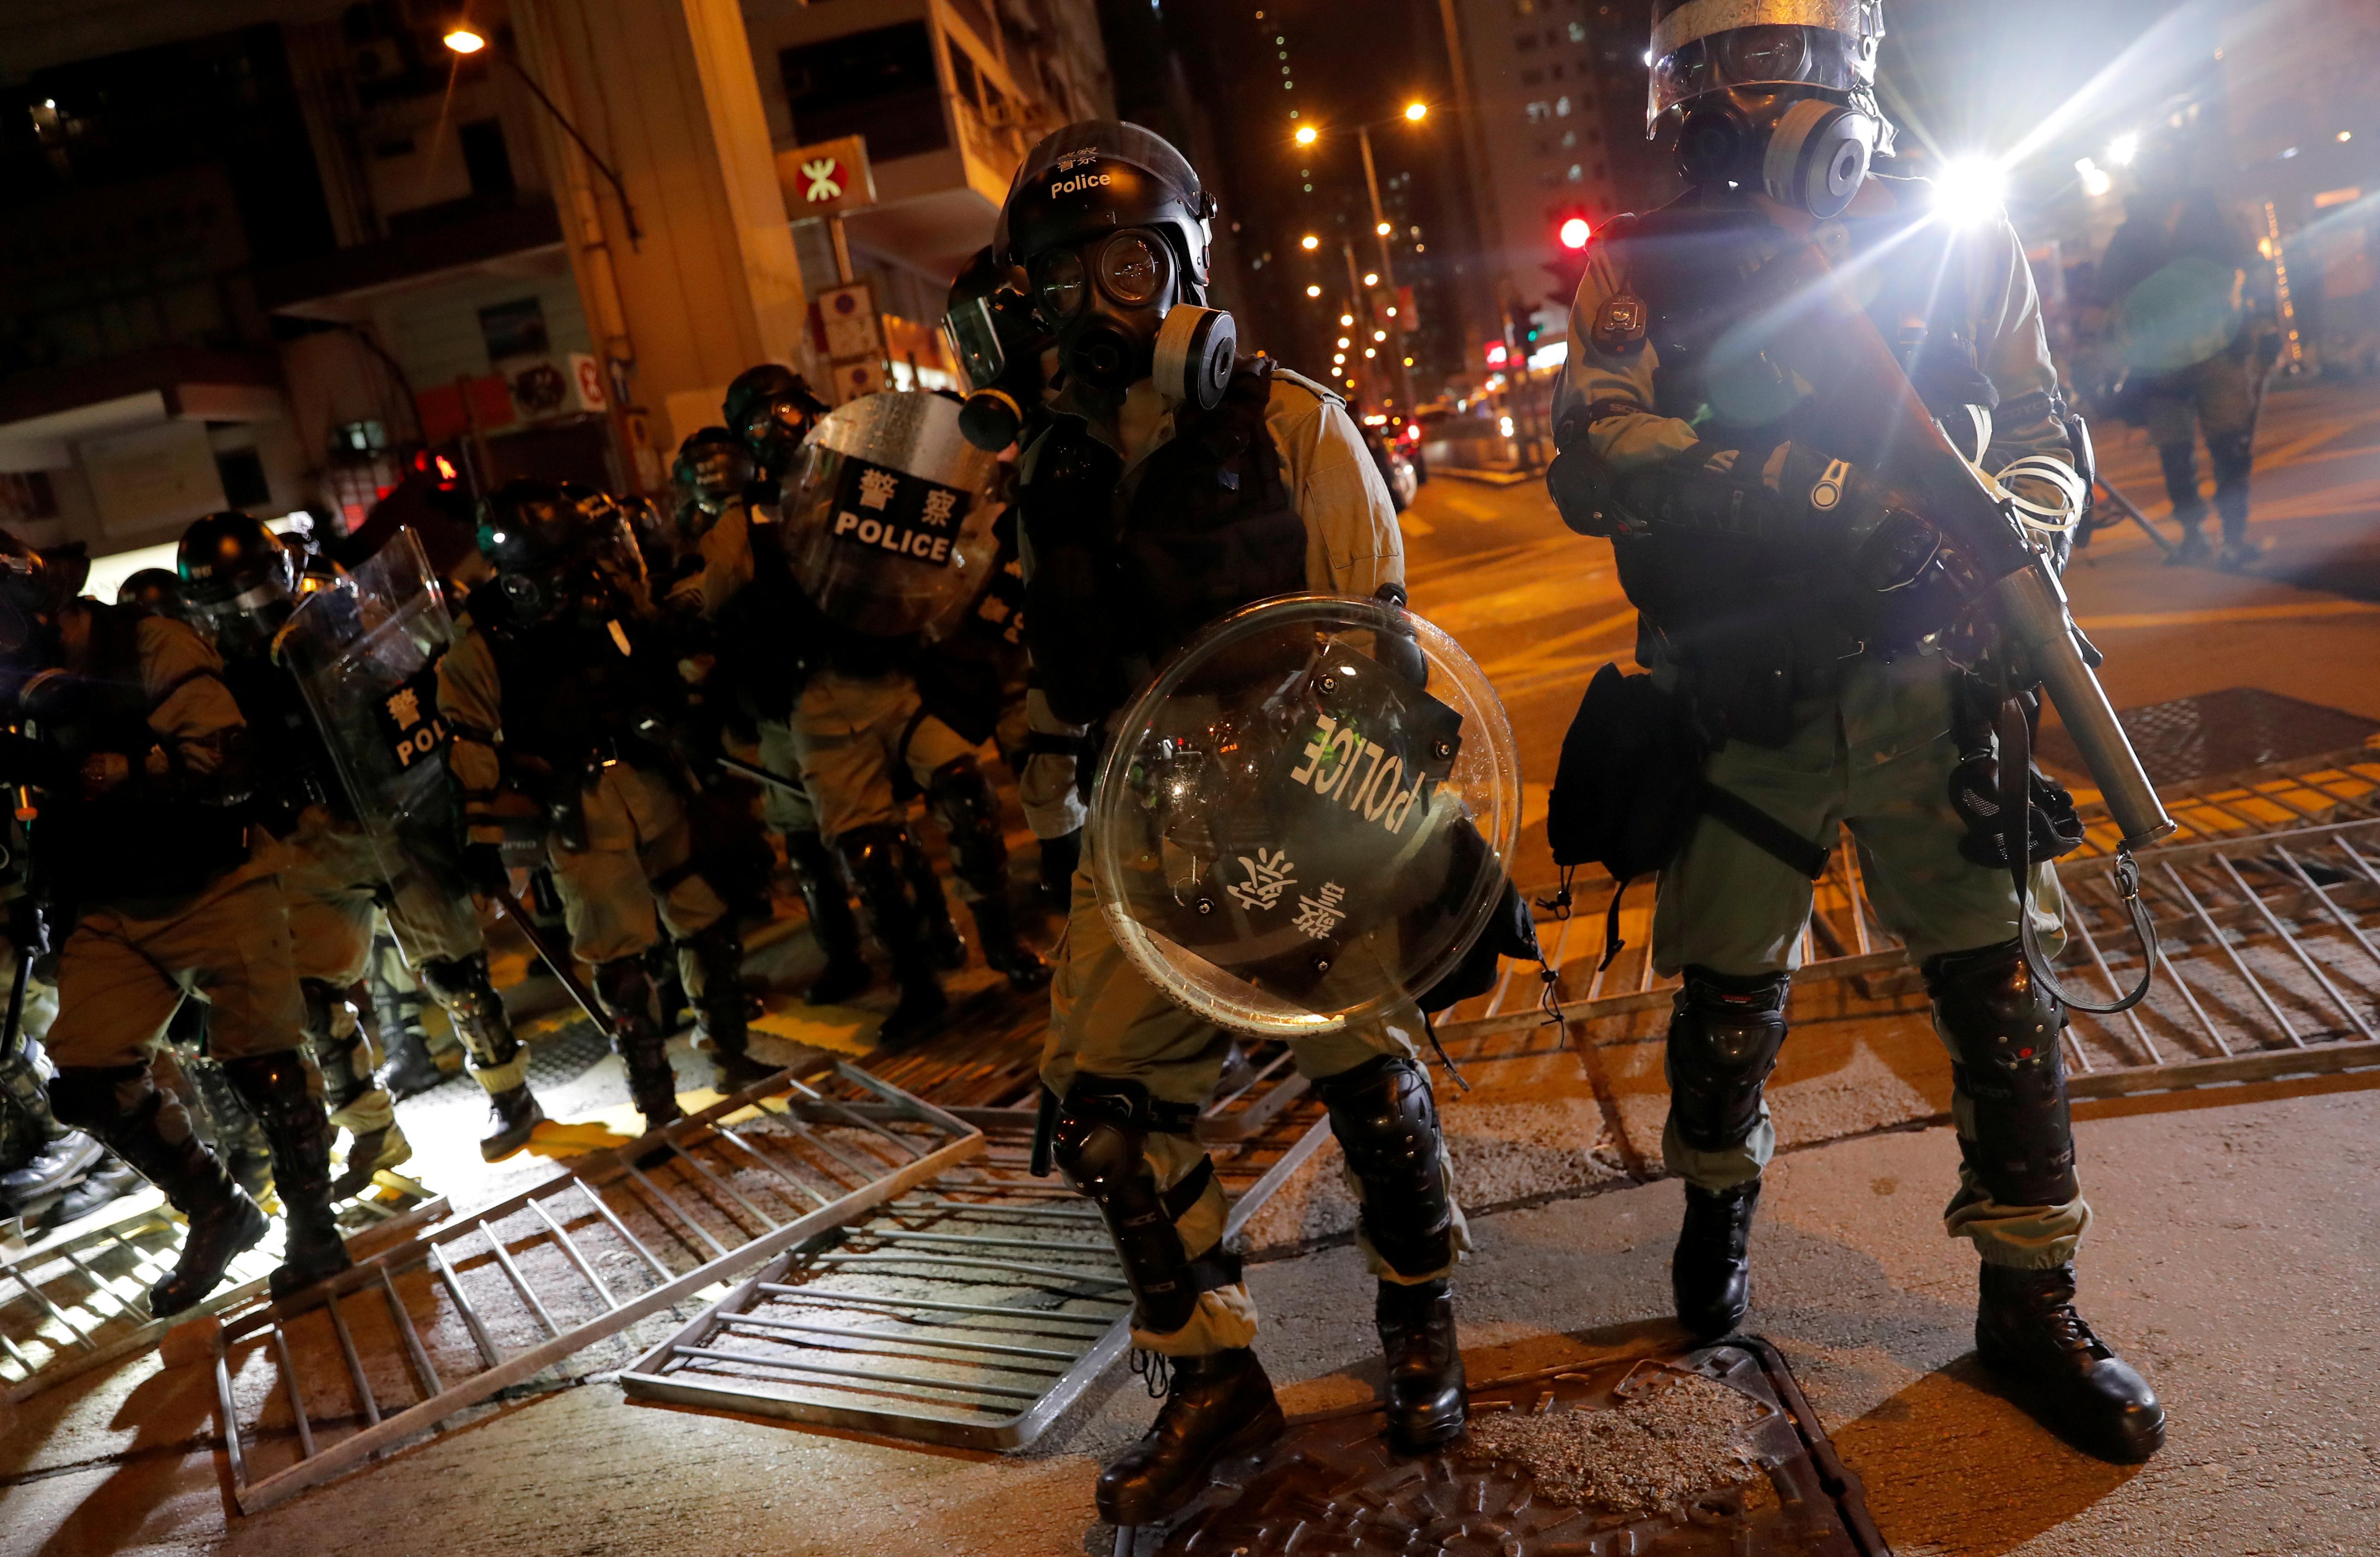 Après avoir consulté les autorités, Apple retire l'application de suivi de la police utilisée lors des manifestations à Hong Kong